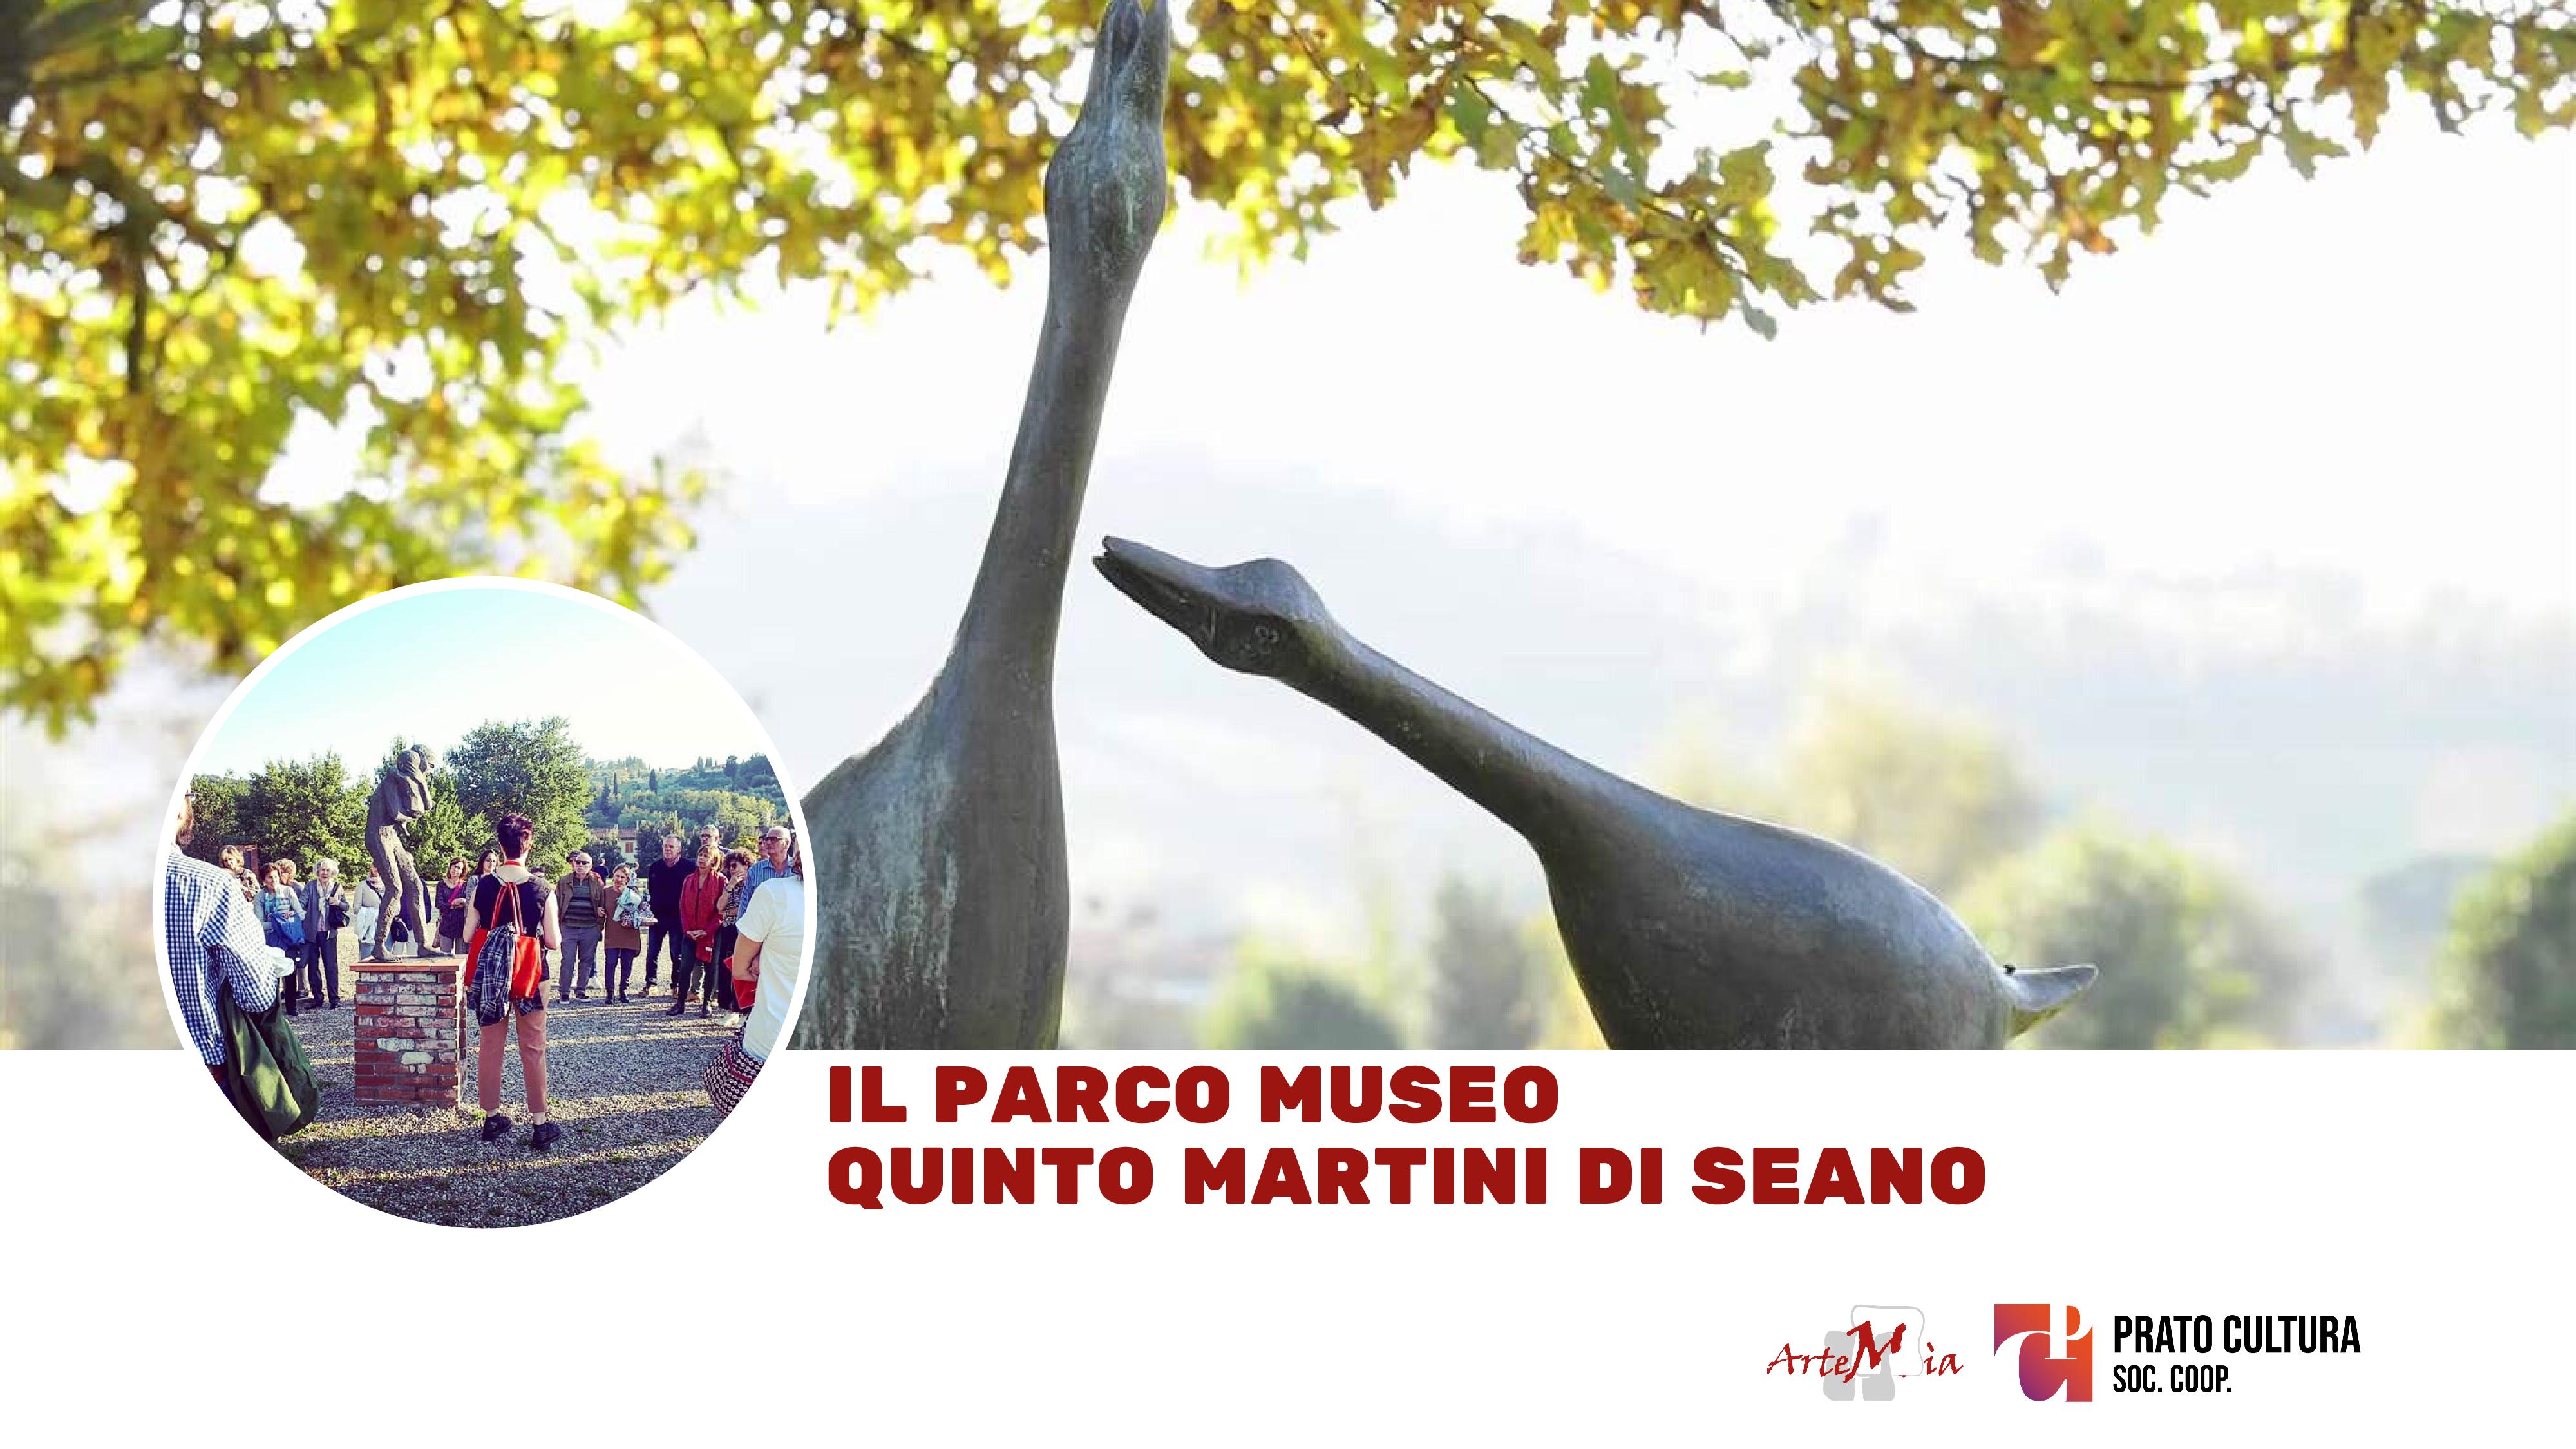 Visita: Il Parco Museo Quinto Martini di Seano